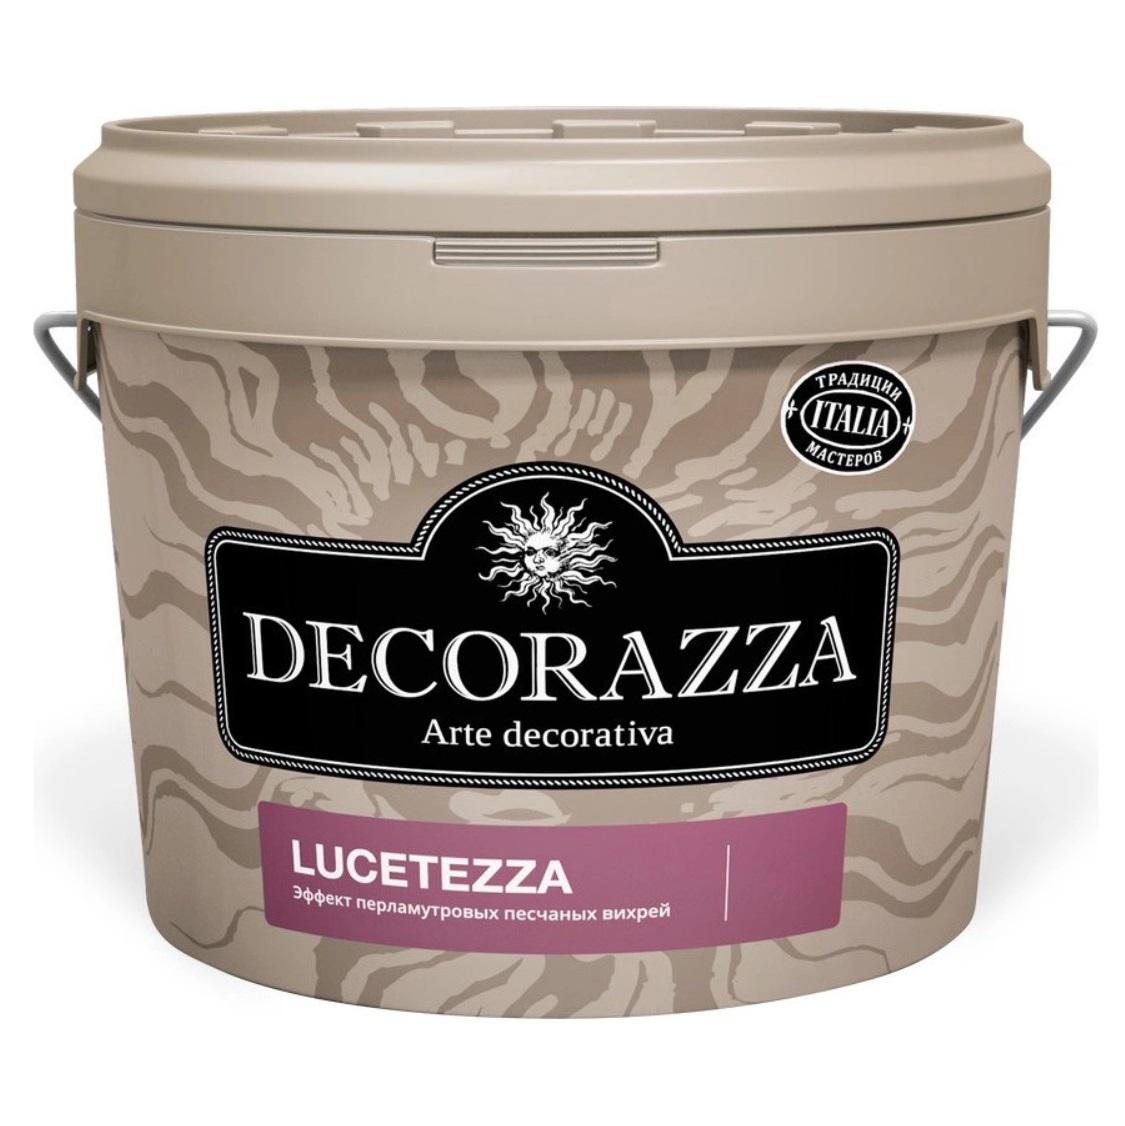 Декоративная краска Decorazza lucetezza база oro 5.0кг